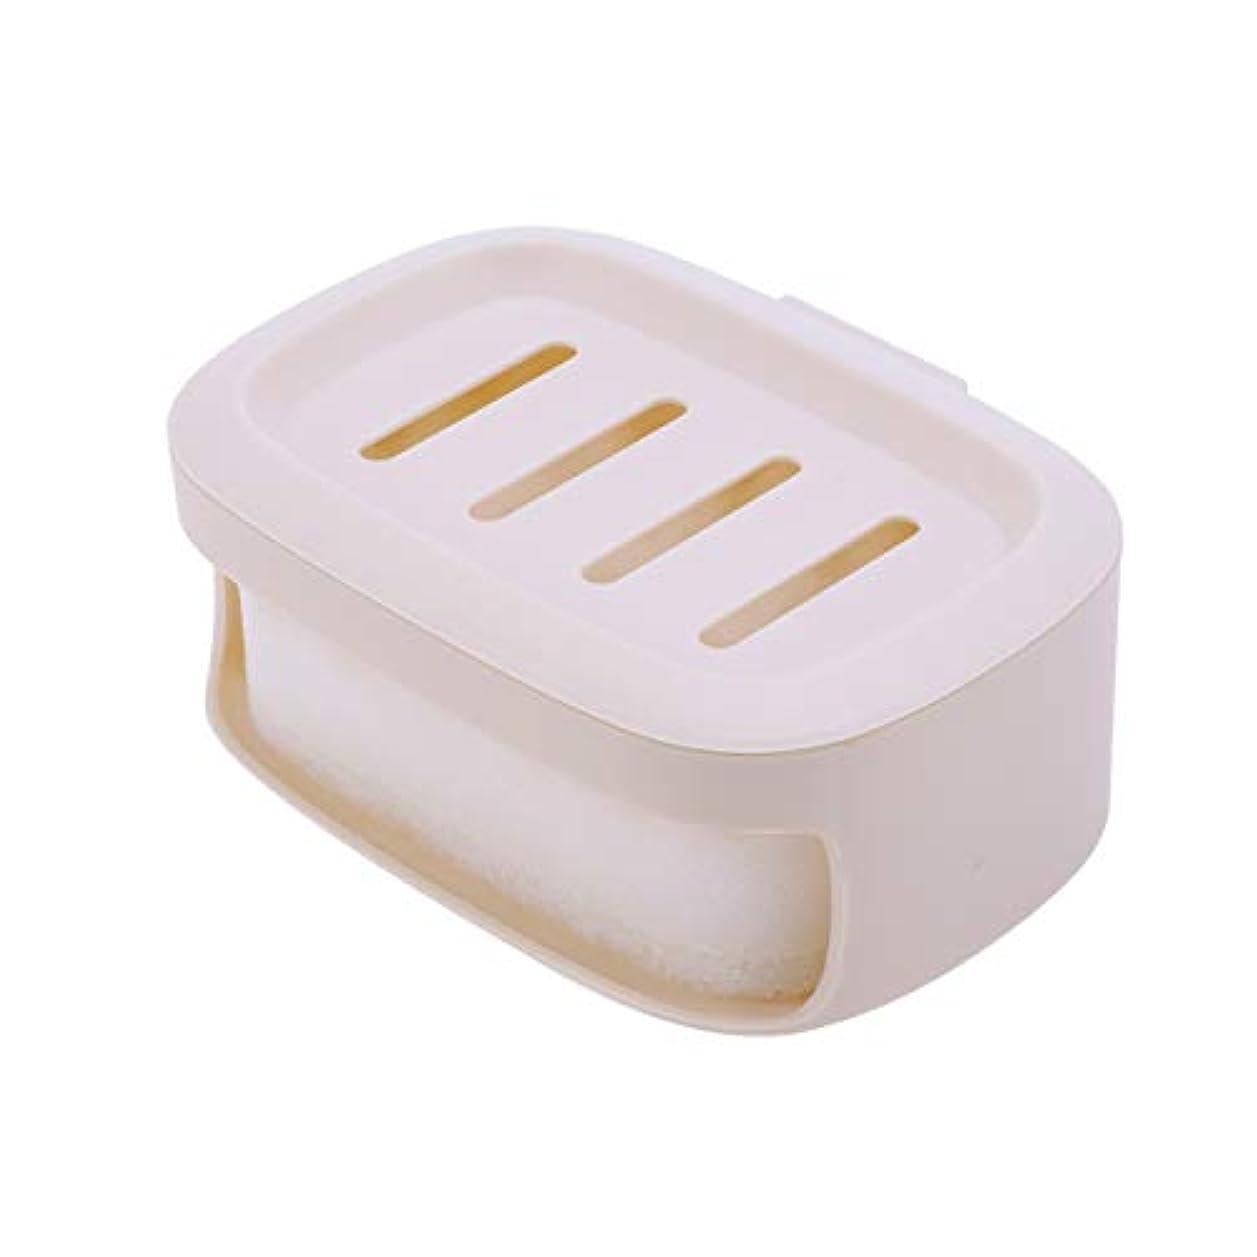 創造絶え間ない突然HEALIFTY ソープボックス防水ソープコンテナ浴室ソープ収納ケースソープホルダー(カーキ)